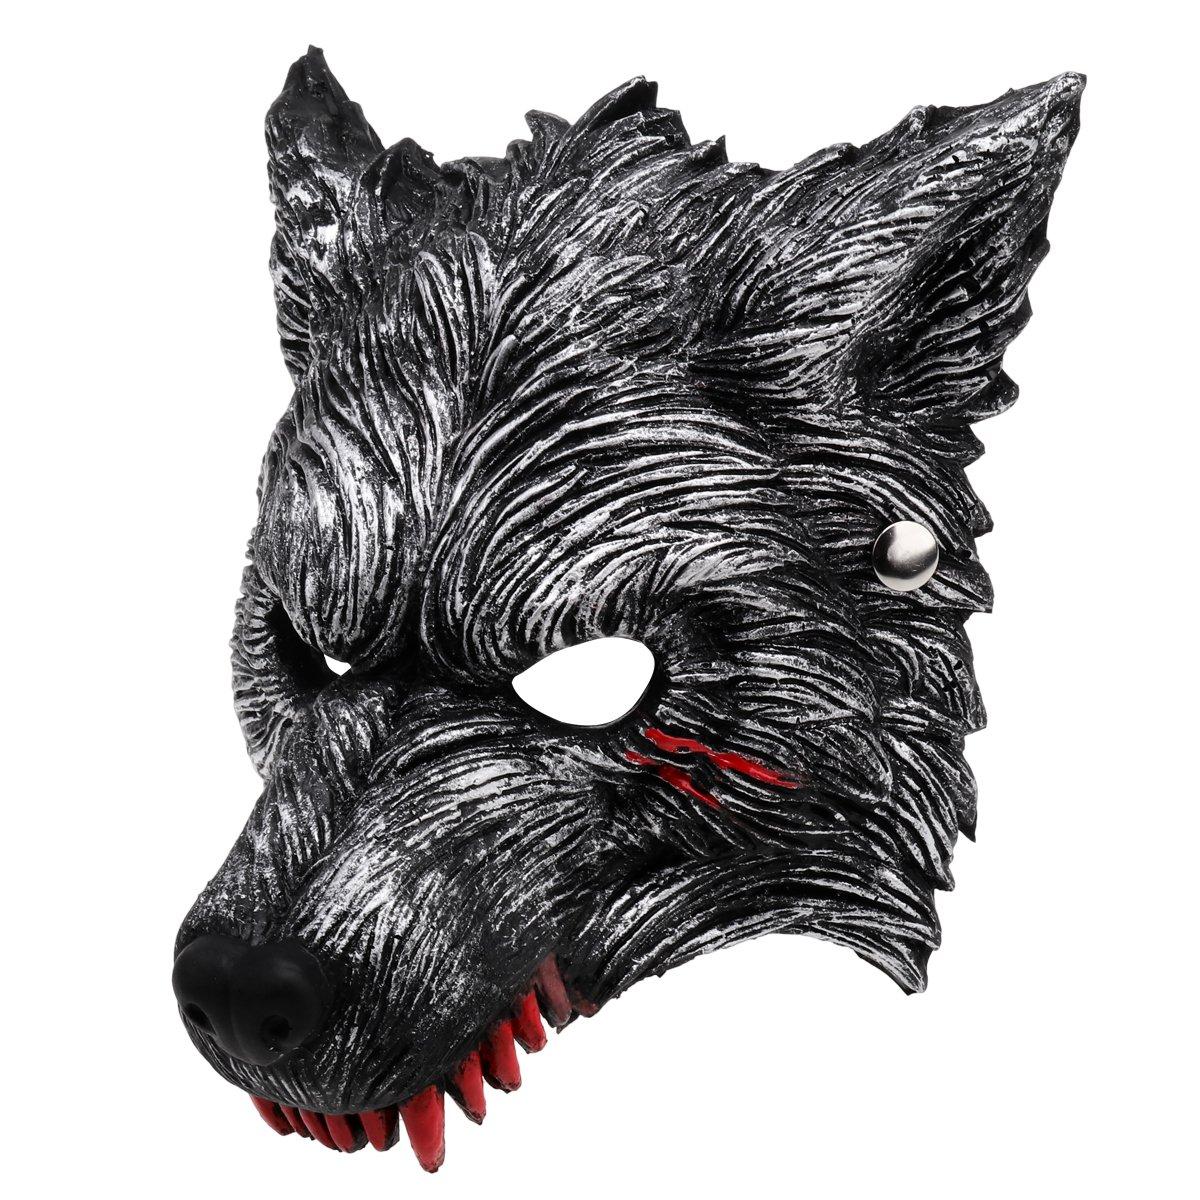 Halloween Werewolf Mask with Blood Stains, Dark Grey Werewolf Vivid Design UNOMOR